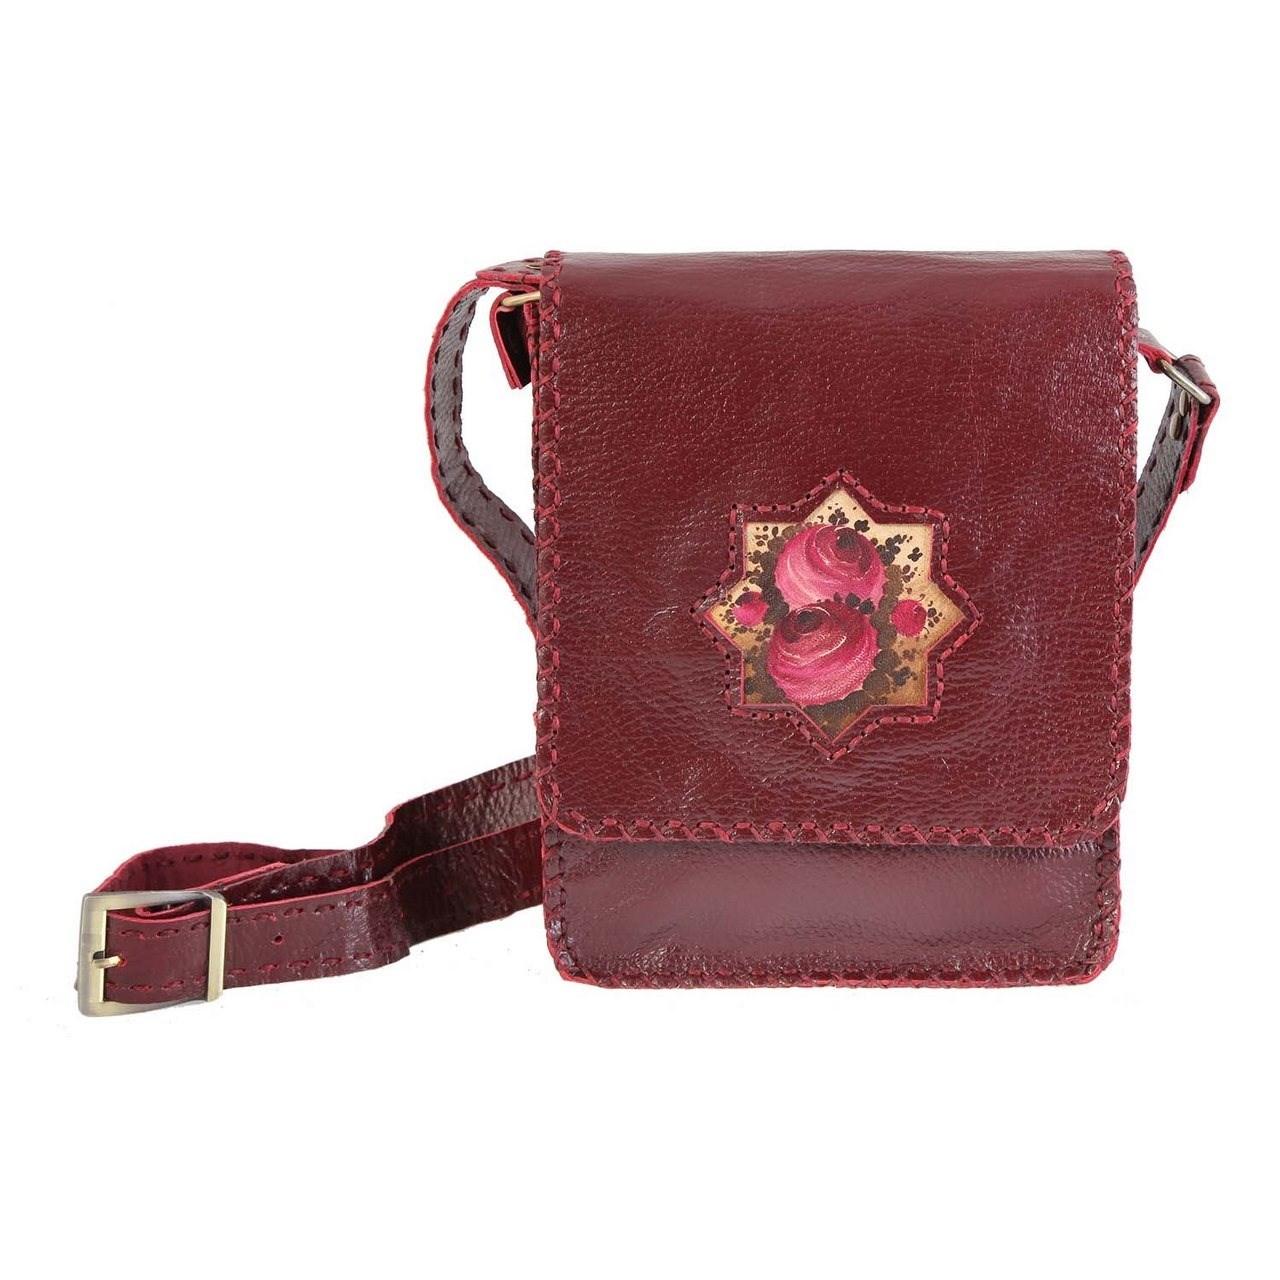 کیف چرمی دست دوز دیبا مدل 178014 دوشی